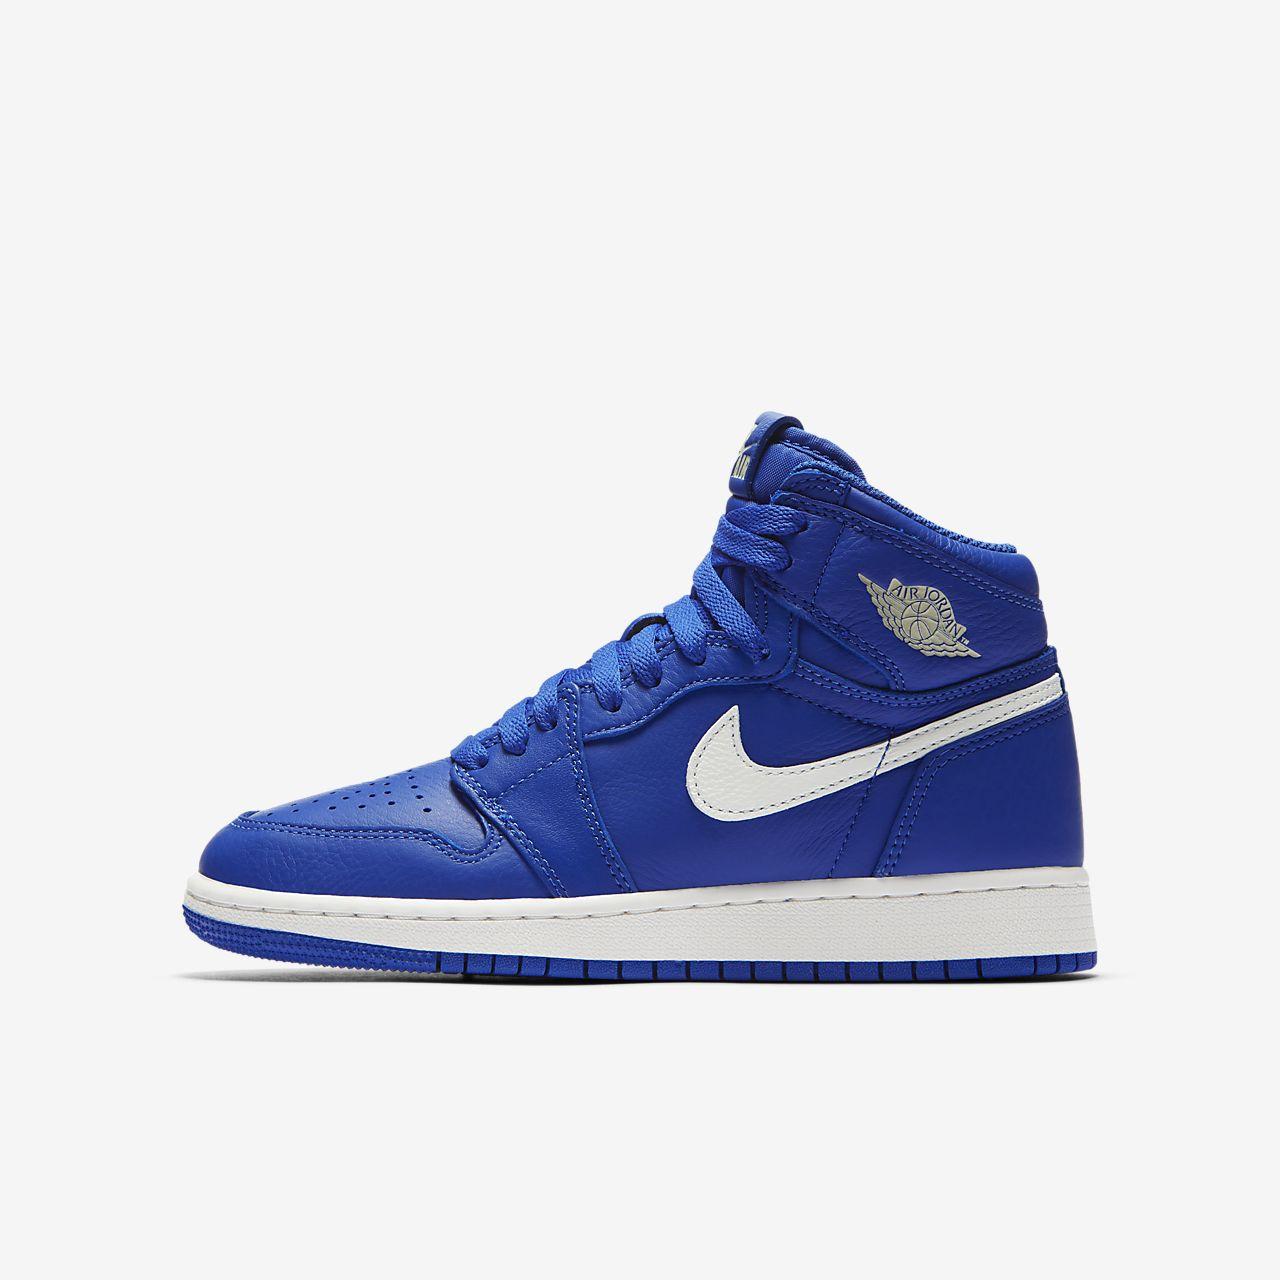 e357532f44d Calzado para niño Air Jordan 1 Retro High OG. Nike.com CL